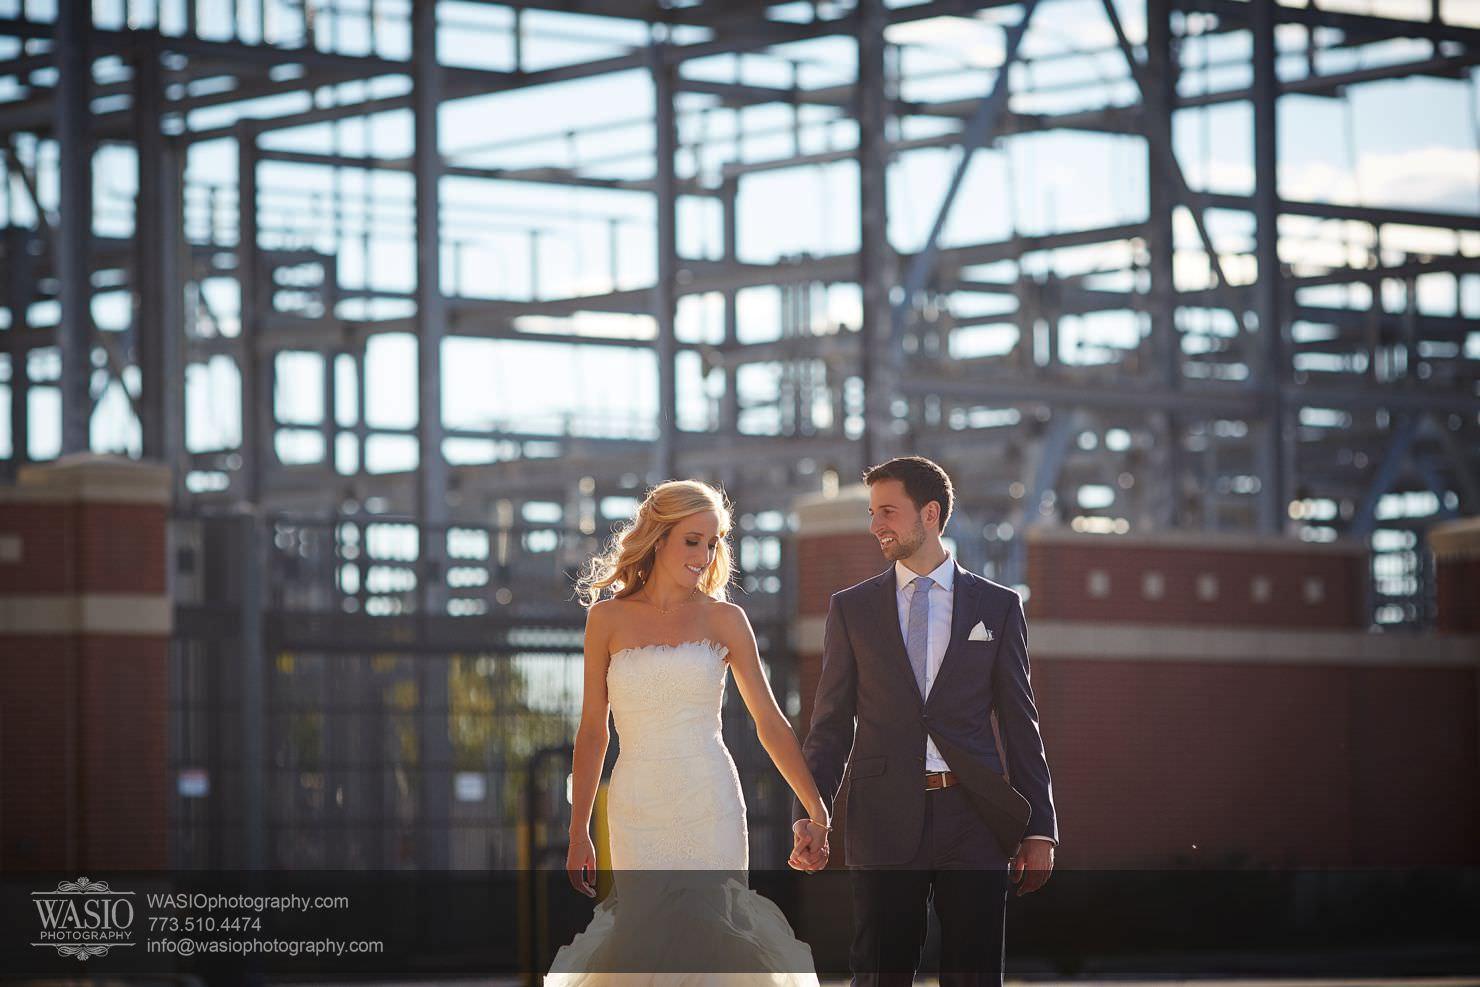 14_Chicago-Gallery-Wedding_0O3A8472 Chicago Gallery Wedding - Courtney + Danny